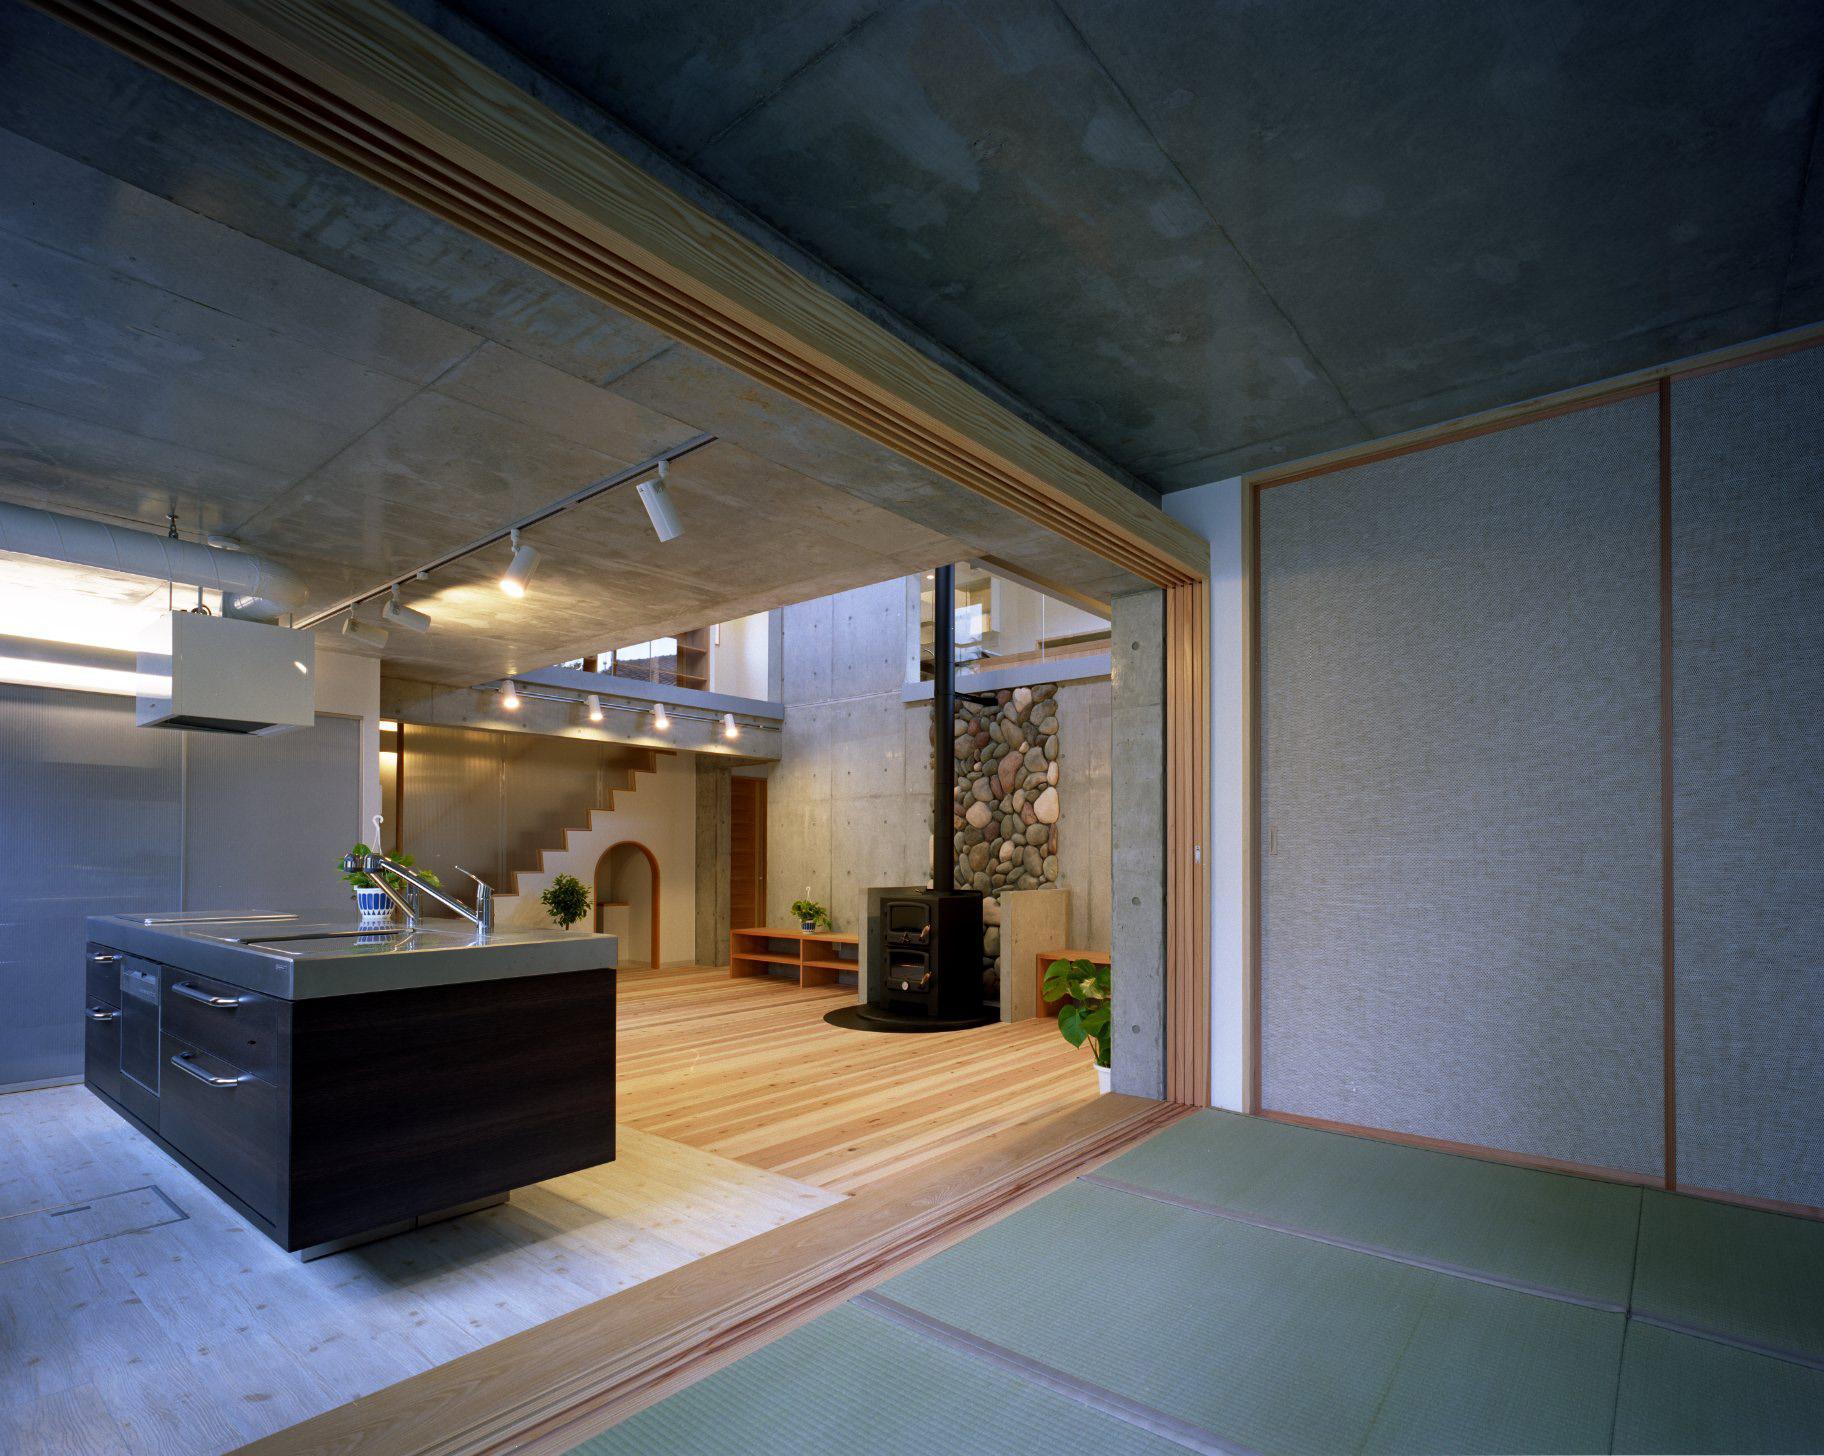 東京都世田谷区 M邸の部屋 工夫が広がるキッチン周り